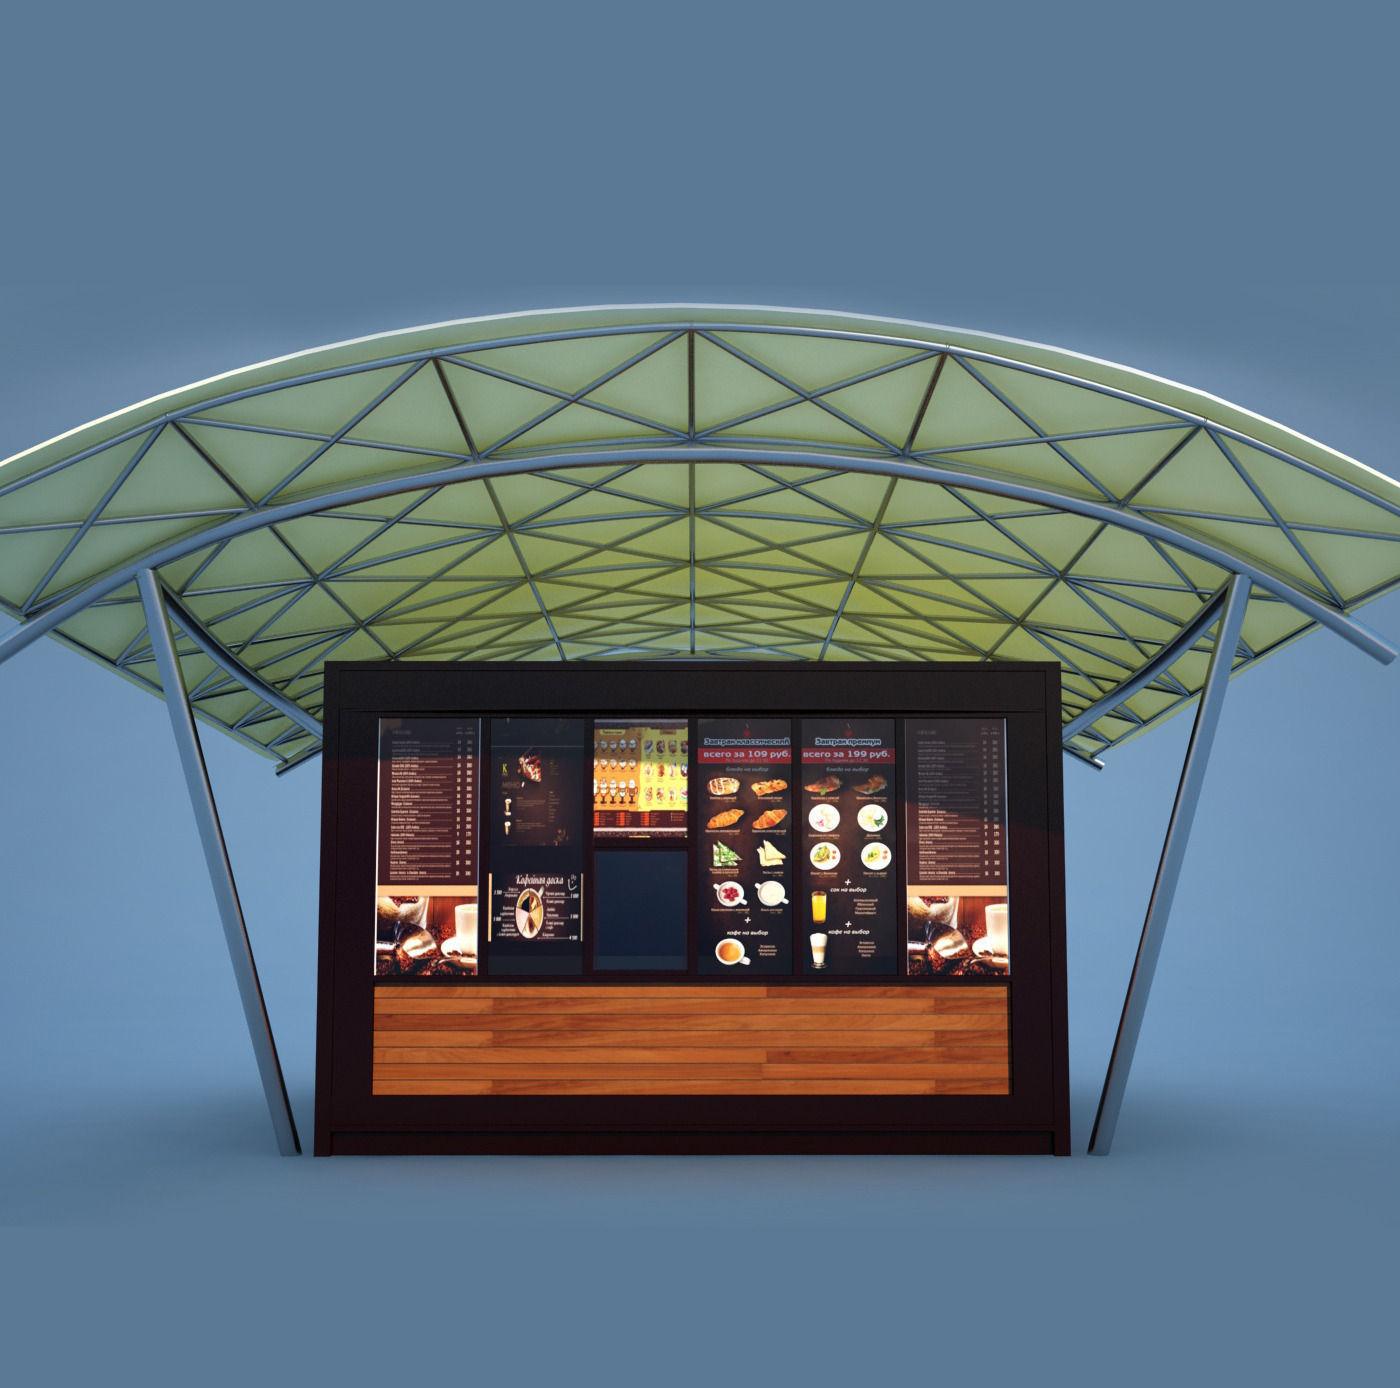 Coffee kiosk 3d model max for Exterior 3d model